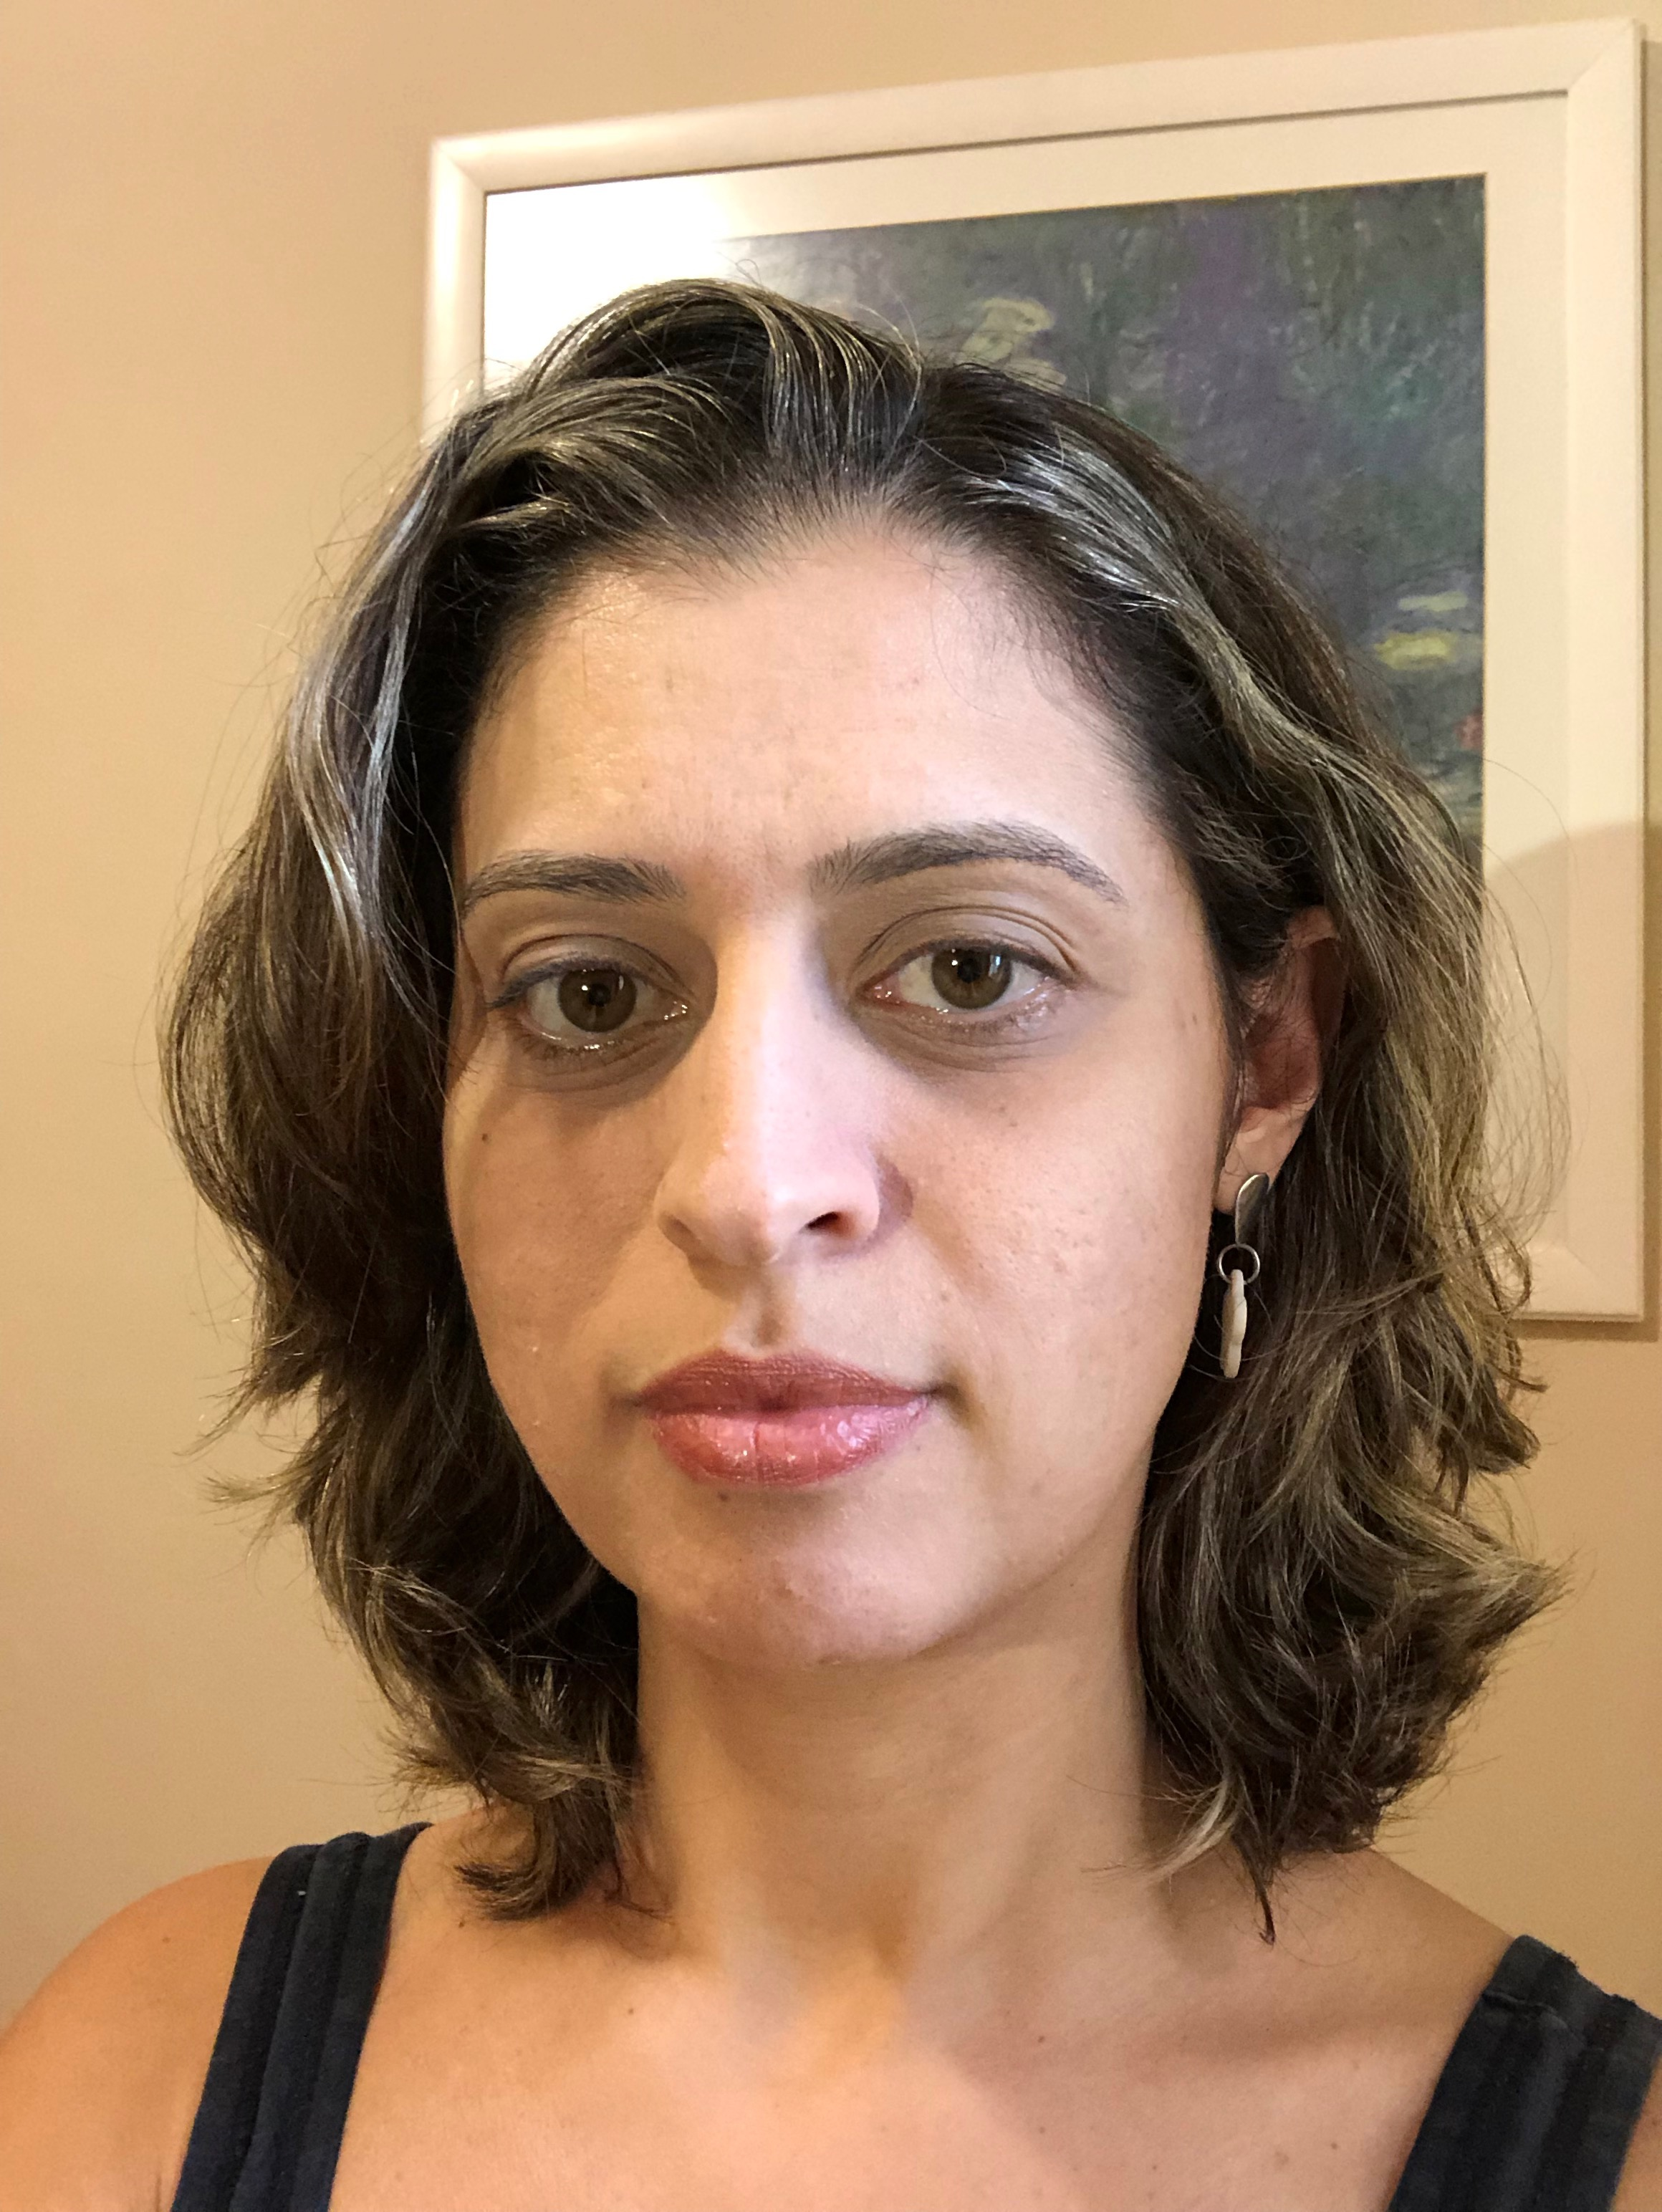 Alessandra Villas-Bôas